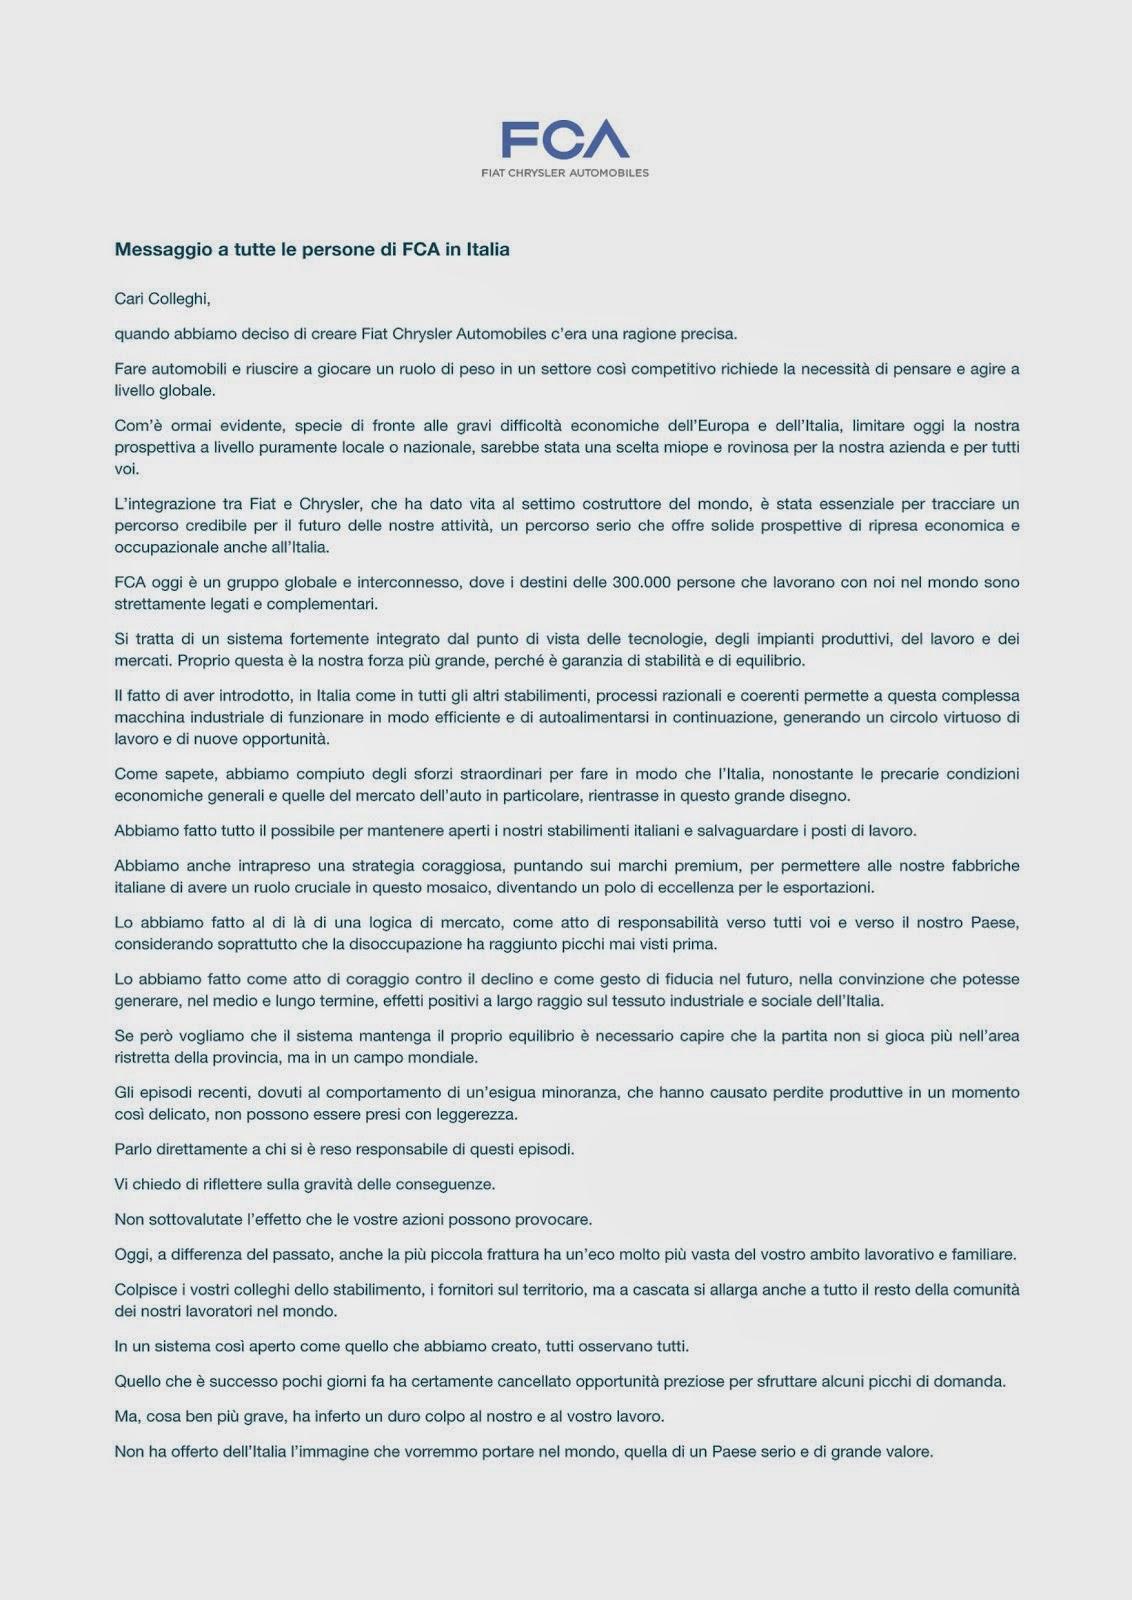 Lettera di Marchionne a tutte le persone di FCA in Italia